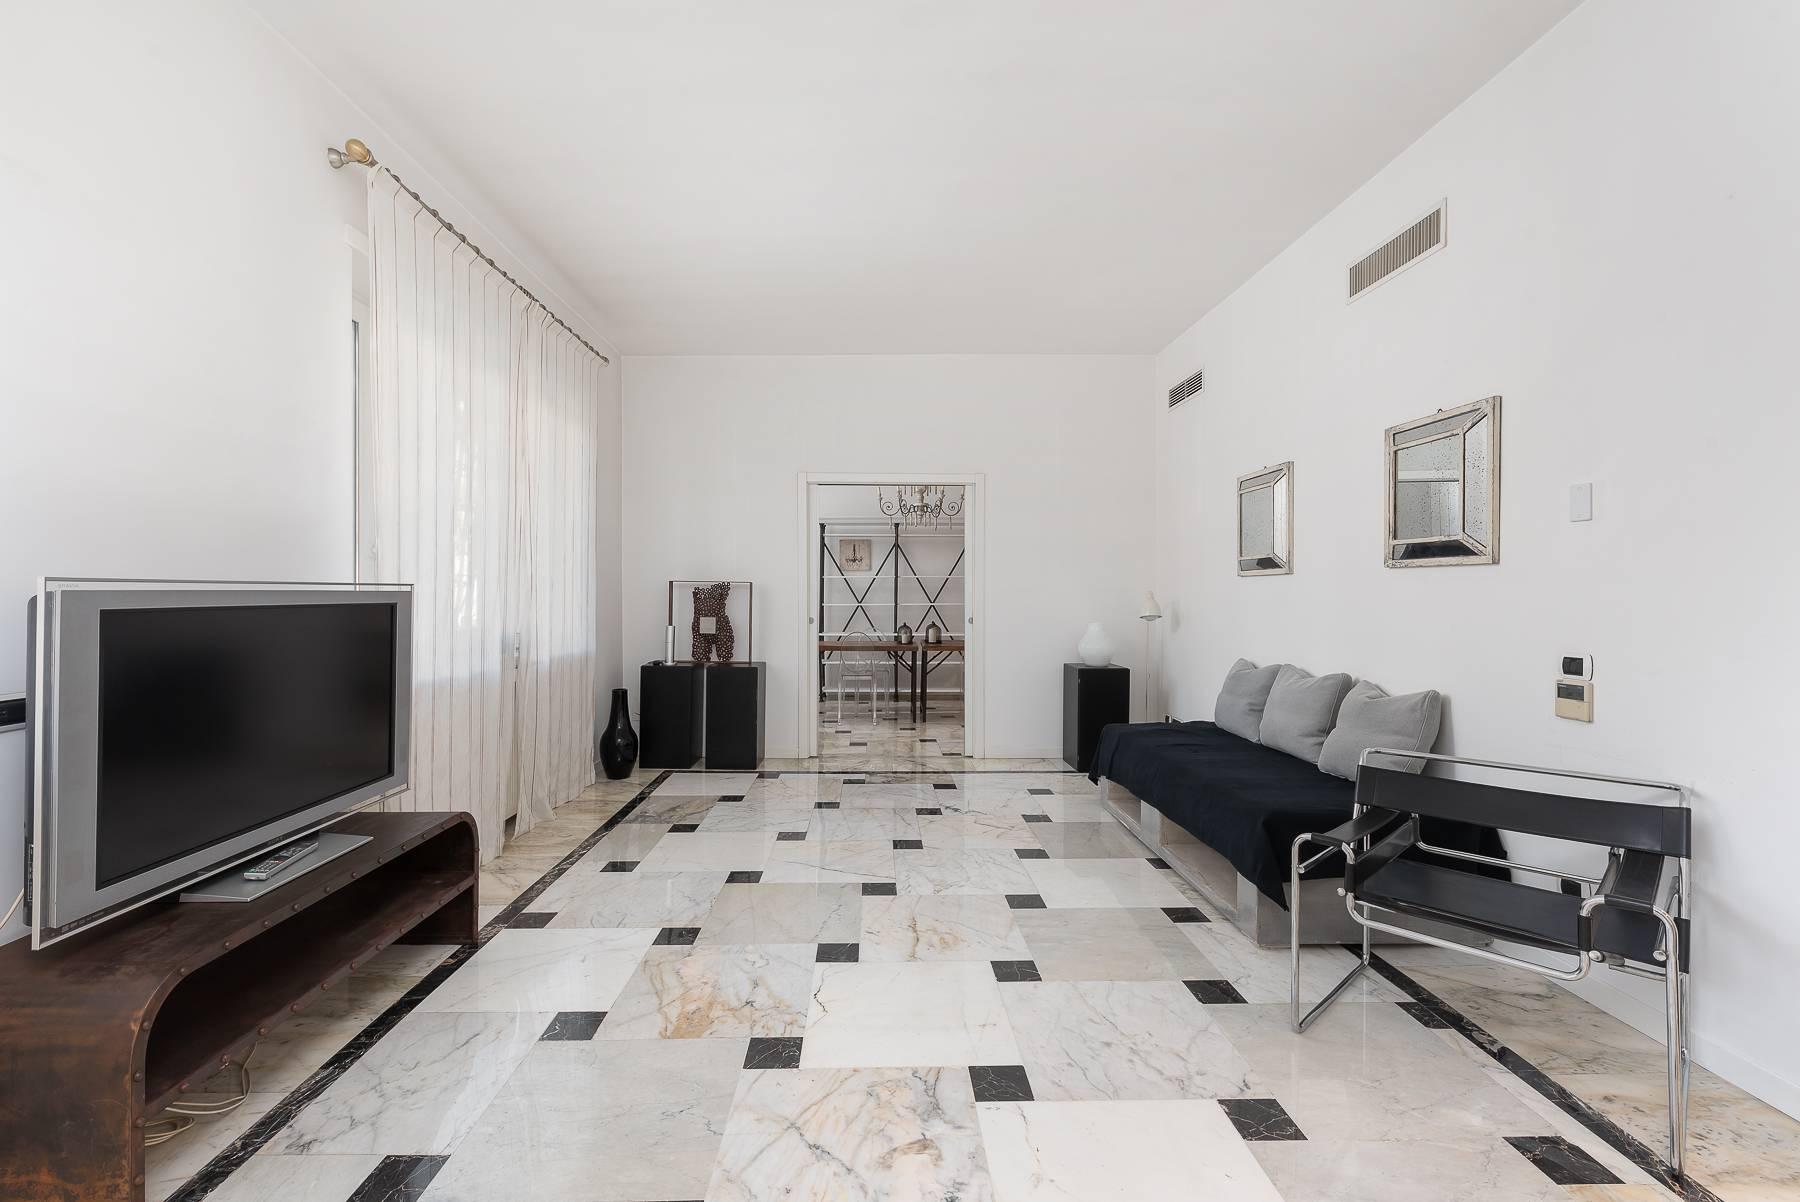 Appartamento in Vendita a Roma 02 Parioli / Pinciano / Flaminio: 5 locali, 145 mq